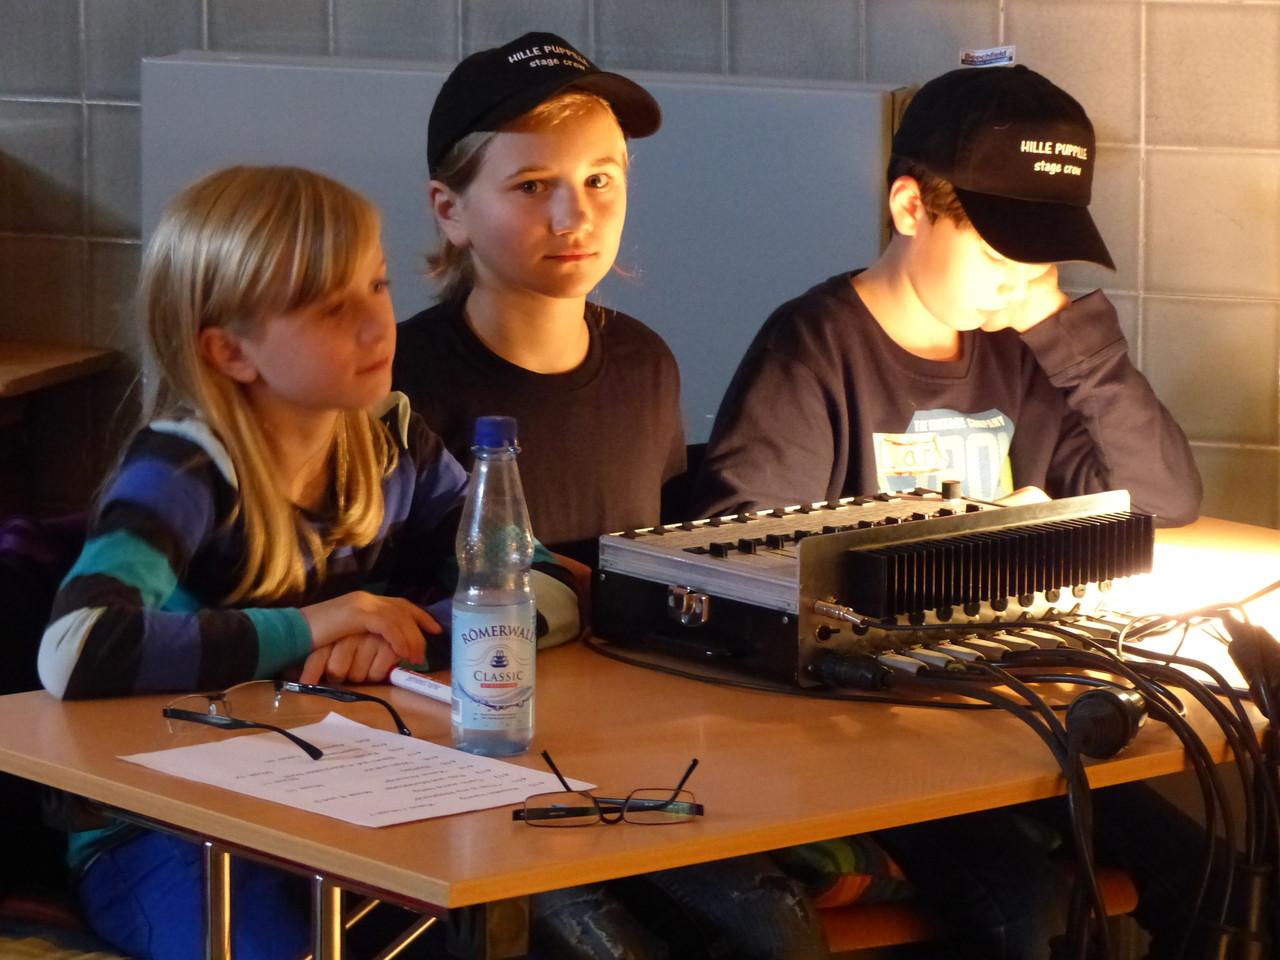 Arbeitsplatz Lichttechnik, Foto:Falley